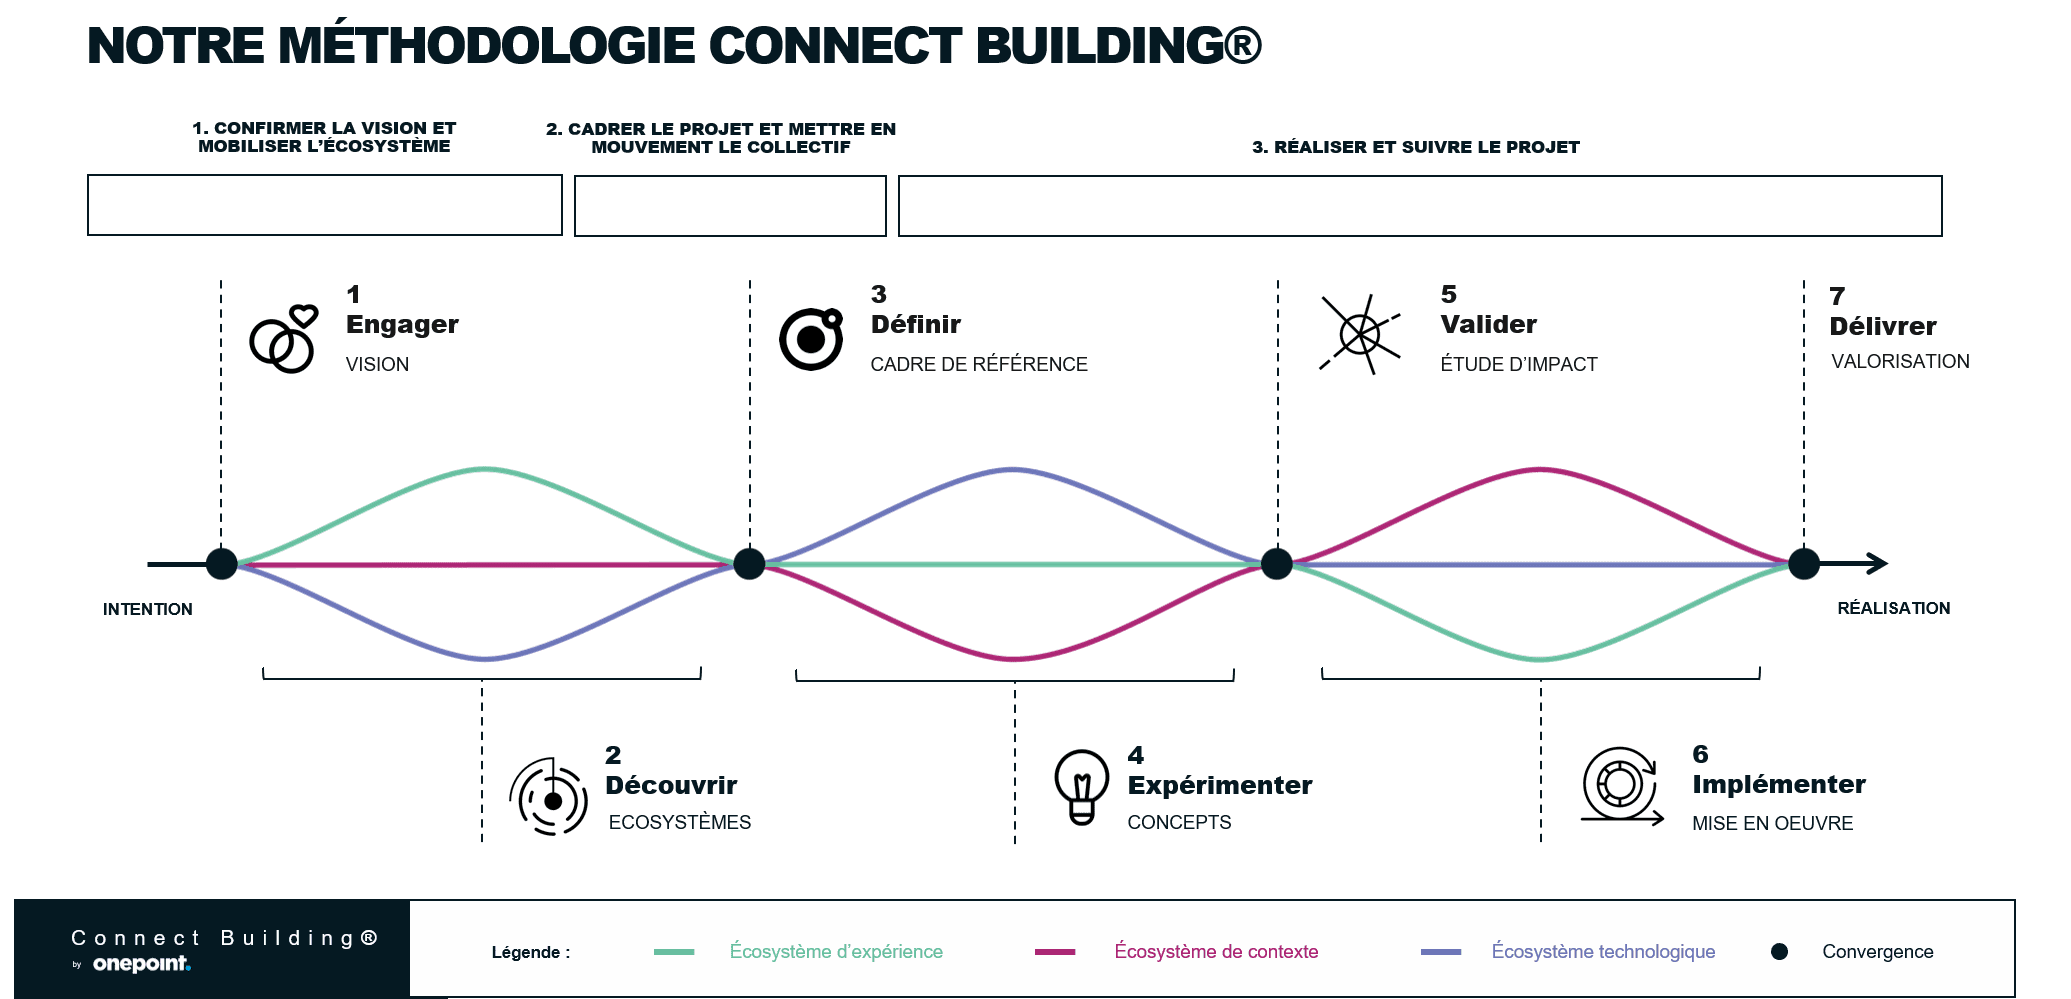 schéma de onepoint montrant la méthodologie de Connect building en trois étapes